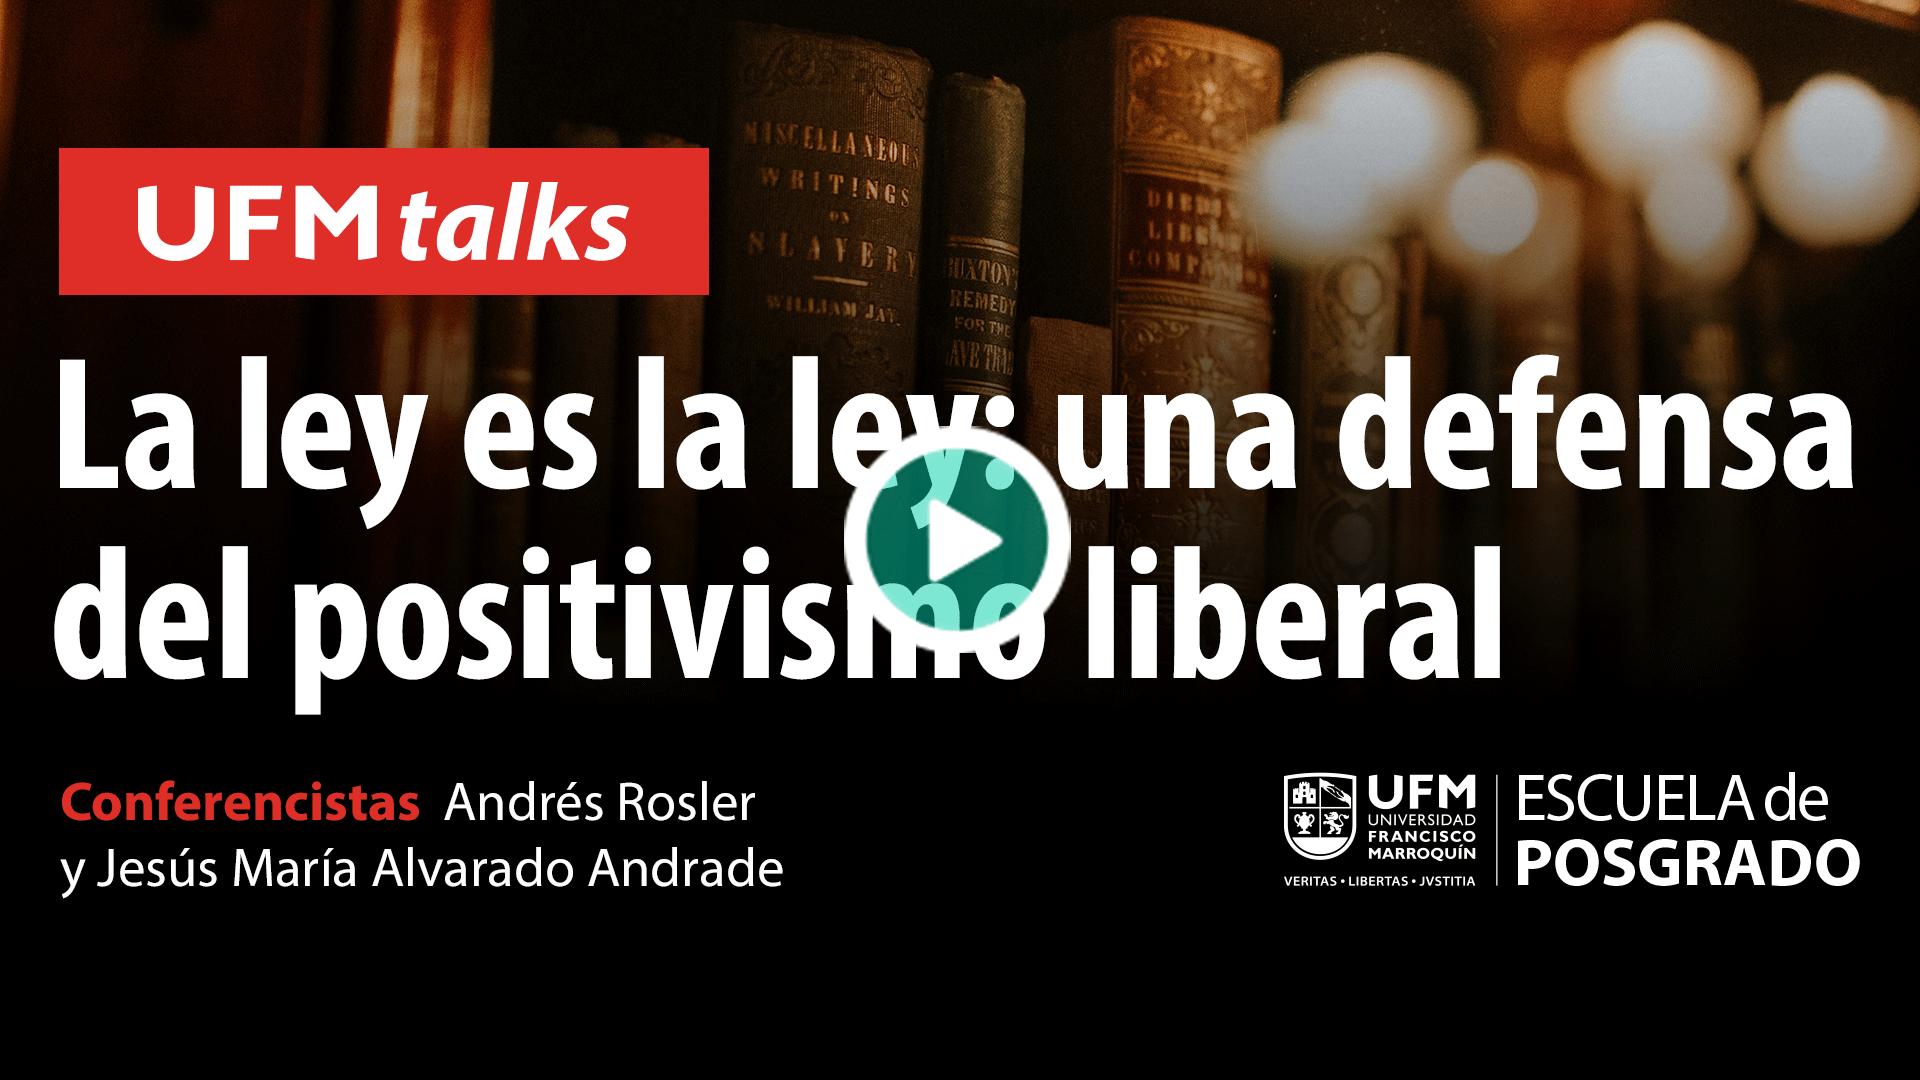 20200701_ufmtalks15_La-ley-es-la-ley,-una-defensa-del-positivismo-liberal